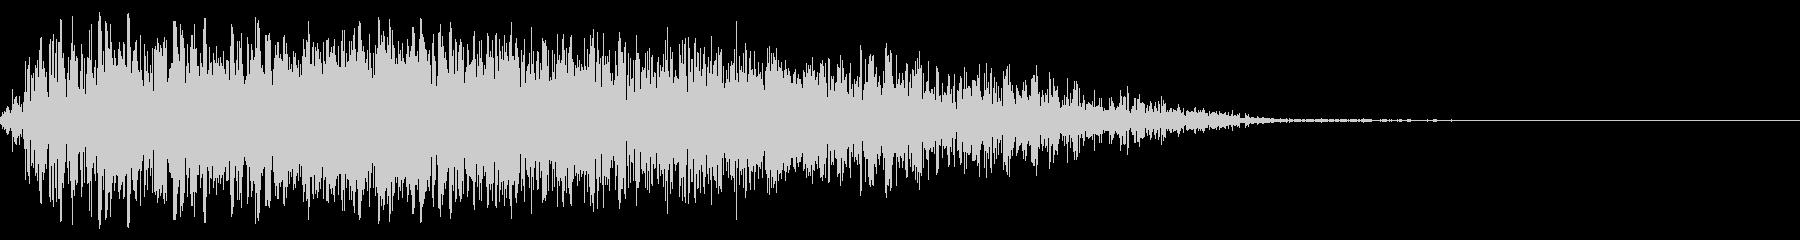 ソフトノイズウーシュの未再生の波形